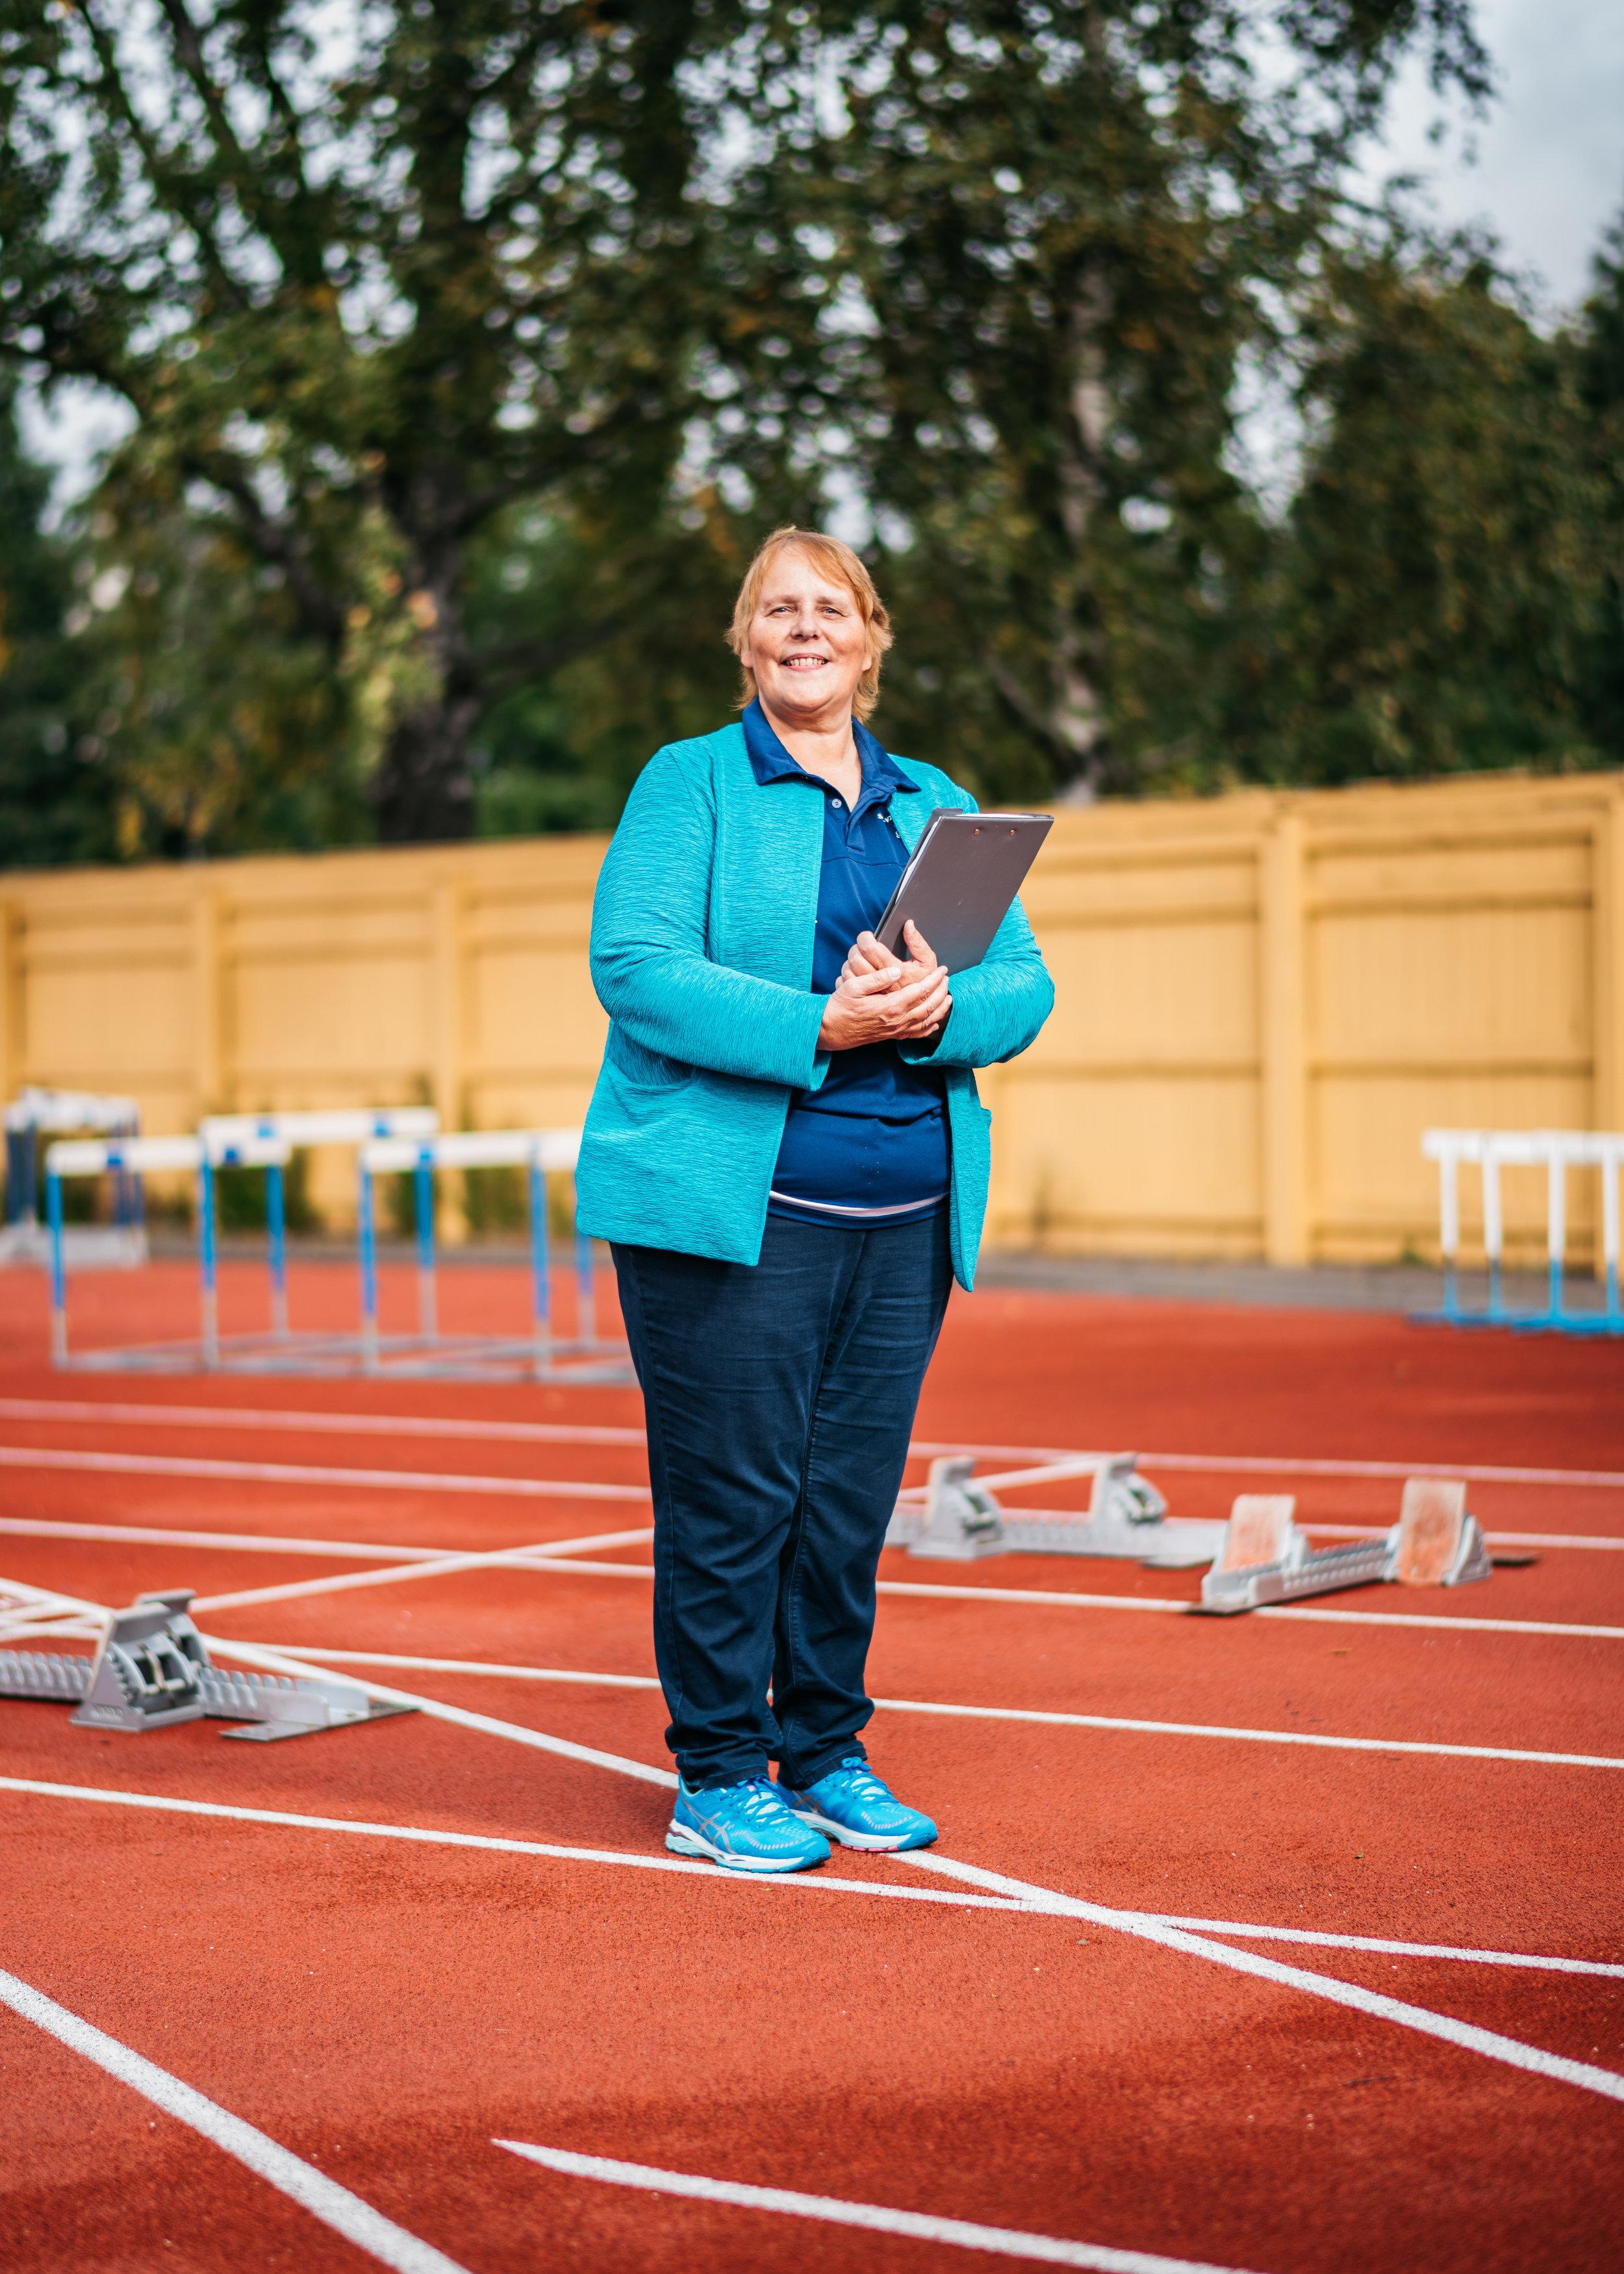 """Maarit Ovaska, 65, yleisurheilu:  """"Siitä on 37 vuotta, kun tulin mieheni ja tyttäreni kanssa Helsingin Kisa-Veikkojen toimintaan.  Vuosien aikana olen tehnyt monenlaista, vetänyt lastenleirejä, järjestänyt kilpailuja ja tapahtumia, rekrytoinut mukaan muita vapaaehtoisia ja toiminut seuran puheenjohtajanakin. Pelkästään palkatulla henkilöstöllä ei voisi järjestää laajaa toimintaa. Jotta voidaan esimerkiksi panna pystyyn urheilukisat sadoille lapsille, kentällä pitää olla vähintään 50–60 hengen vapaaehtoinen toimitsijajoukko. Kun Helsingissä järjestettiin yleisurheilun MM-kisat, kulisseissa ahkeroi tuhansia vapaaehtoisia. Mukana oli myös meitä Helsingin Kisa-Veikkojen aktiiveja.  Yhdessä tekeminen tarkoittaa minusta sitä, että sitoutuu itsekin tekemään, eikä ainoastaan teetä tehtäviä toisilla. Joissakin kisoissa olen toiminut tuomaristopäällikkönä, mutta minut on nähty myös kentällä mitan ja lanan varressa. Hiljattain katselin, kuinka neljän seuran yhteisessä ottelussa pienet lapset vilistivät pimenevän taivaan alla. He juoksivat 20 x 60 metrin viestiä ja kannustivat kiivaasti toisiaan. Yhteinen riemu muistutti minua siitä, miksi haluan olla seuratoiminnassa edelleen mukana."""""""